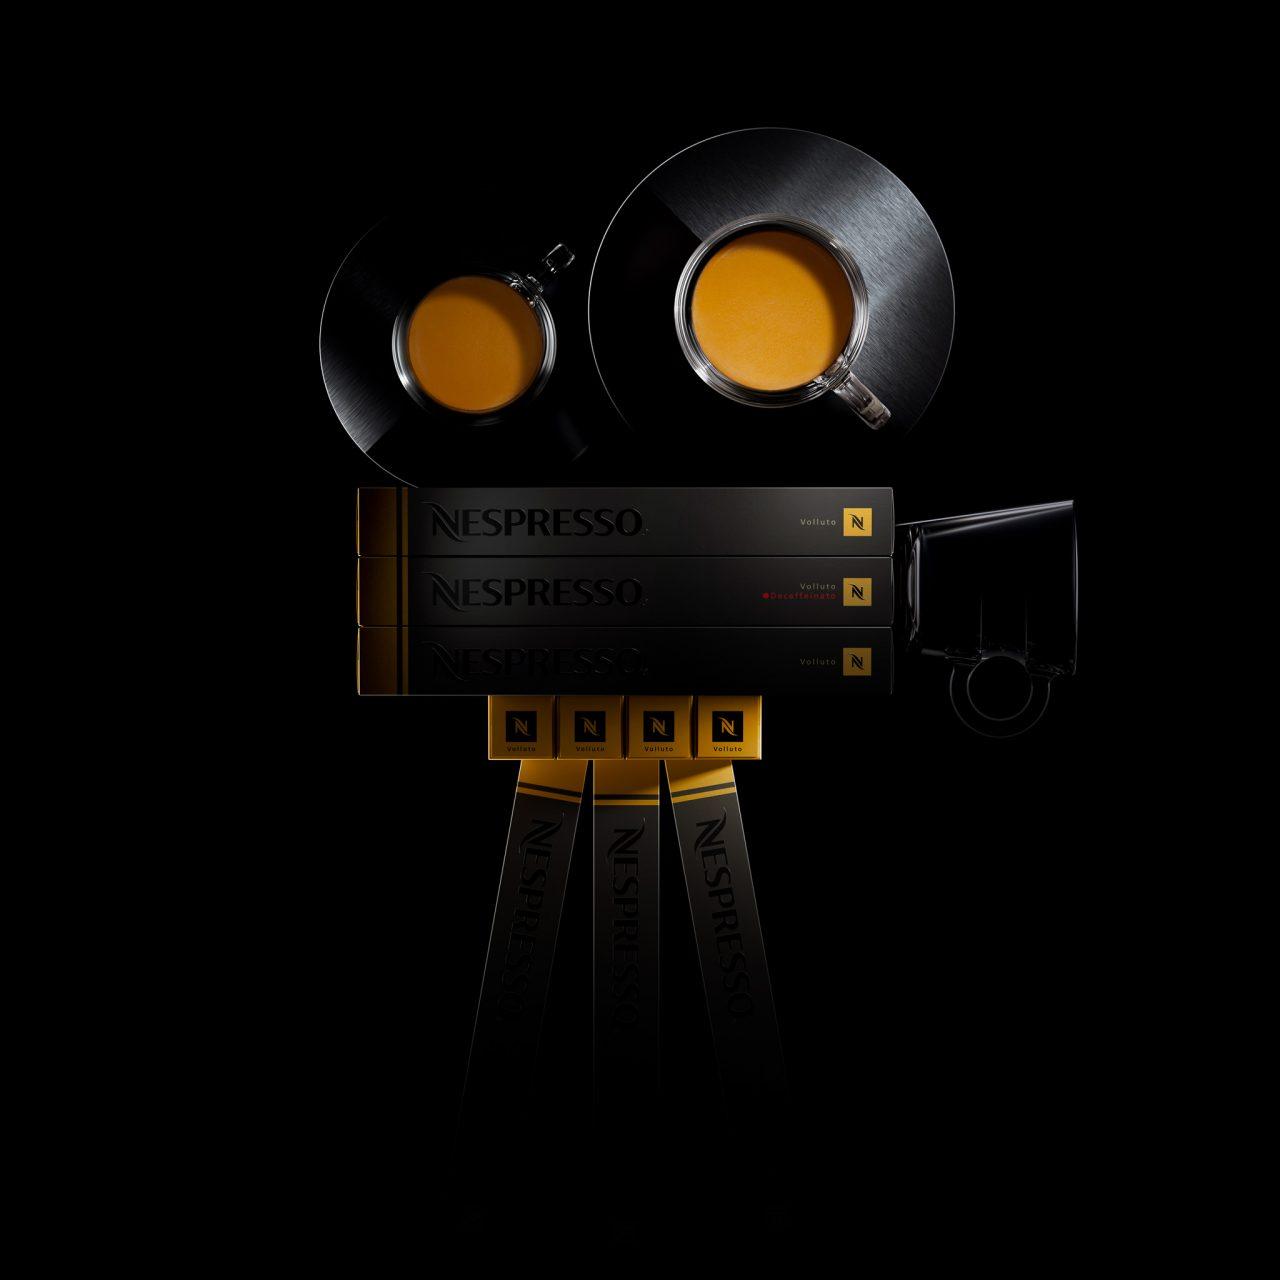 Nespresso Film